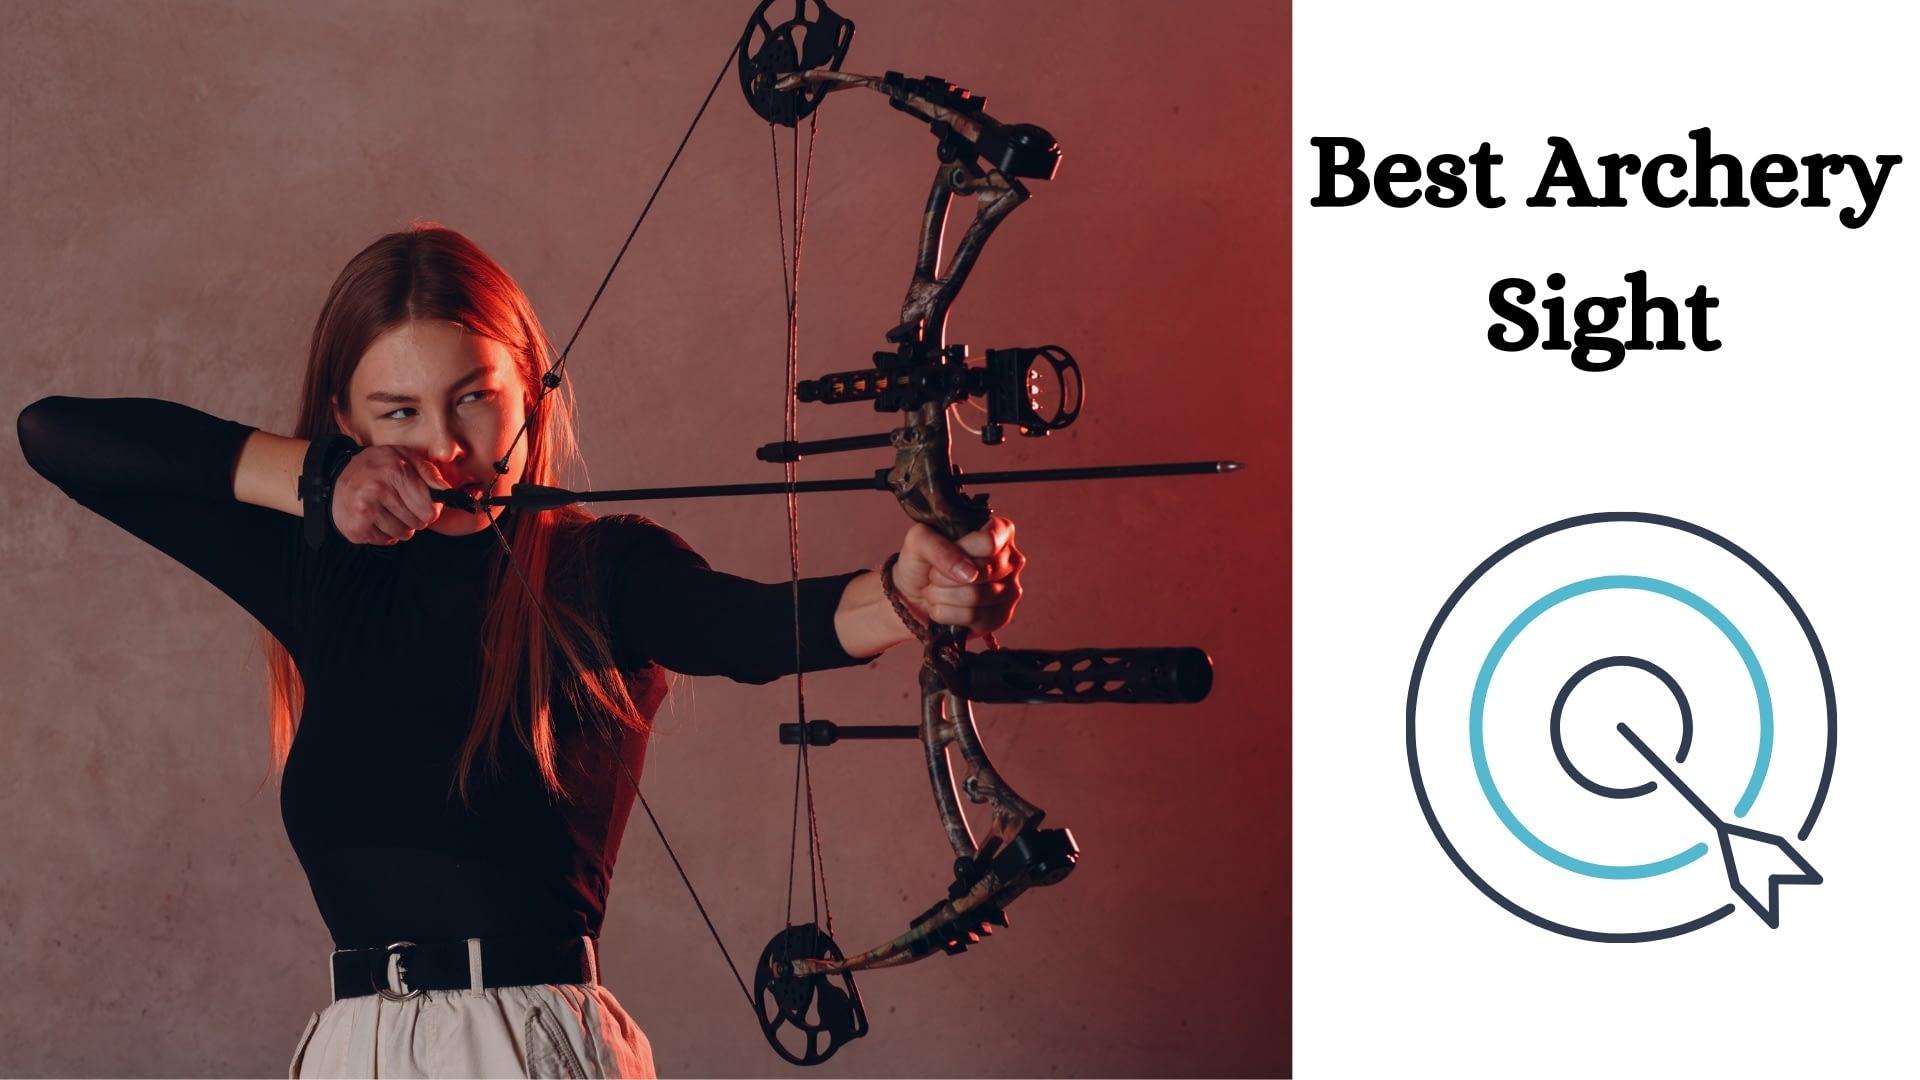 Best Archery Sight